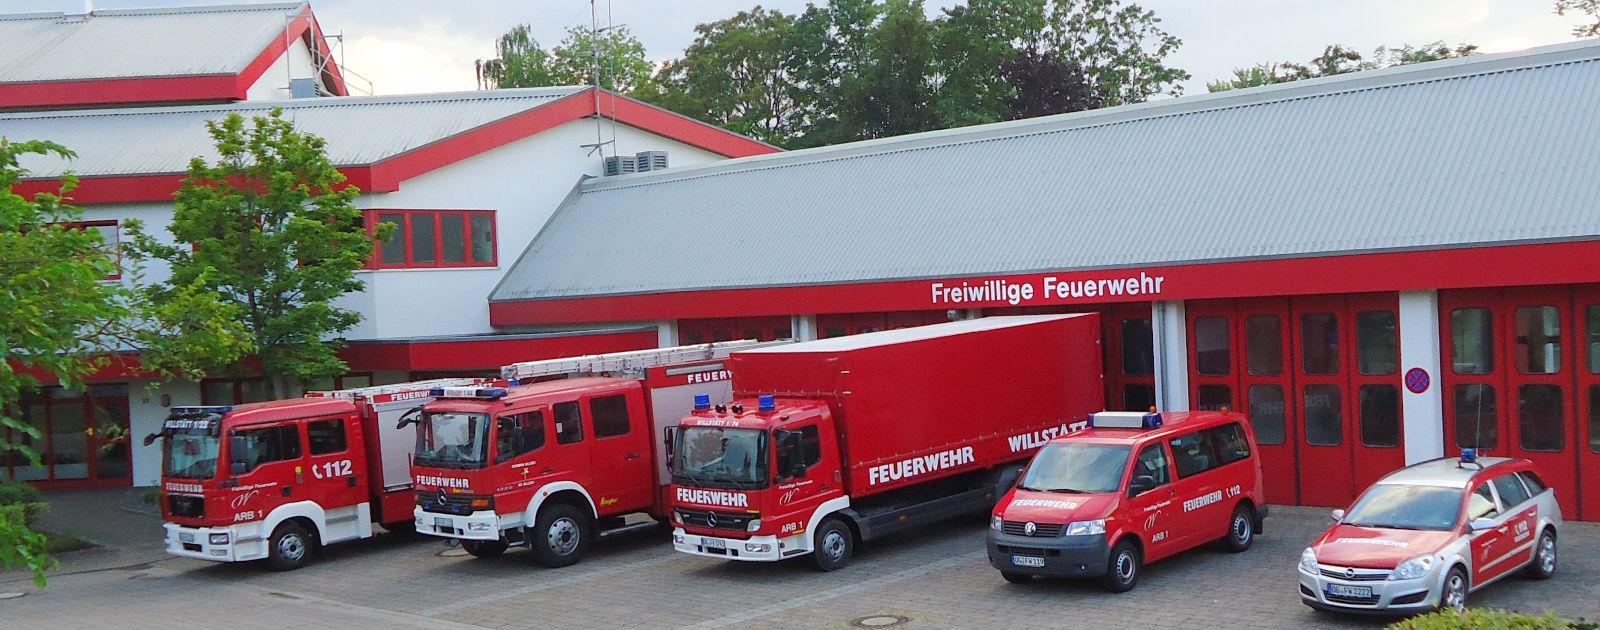 Gerätehaus freiwilige Feuerwehr Willstaett